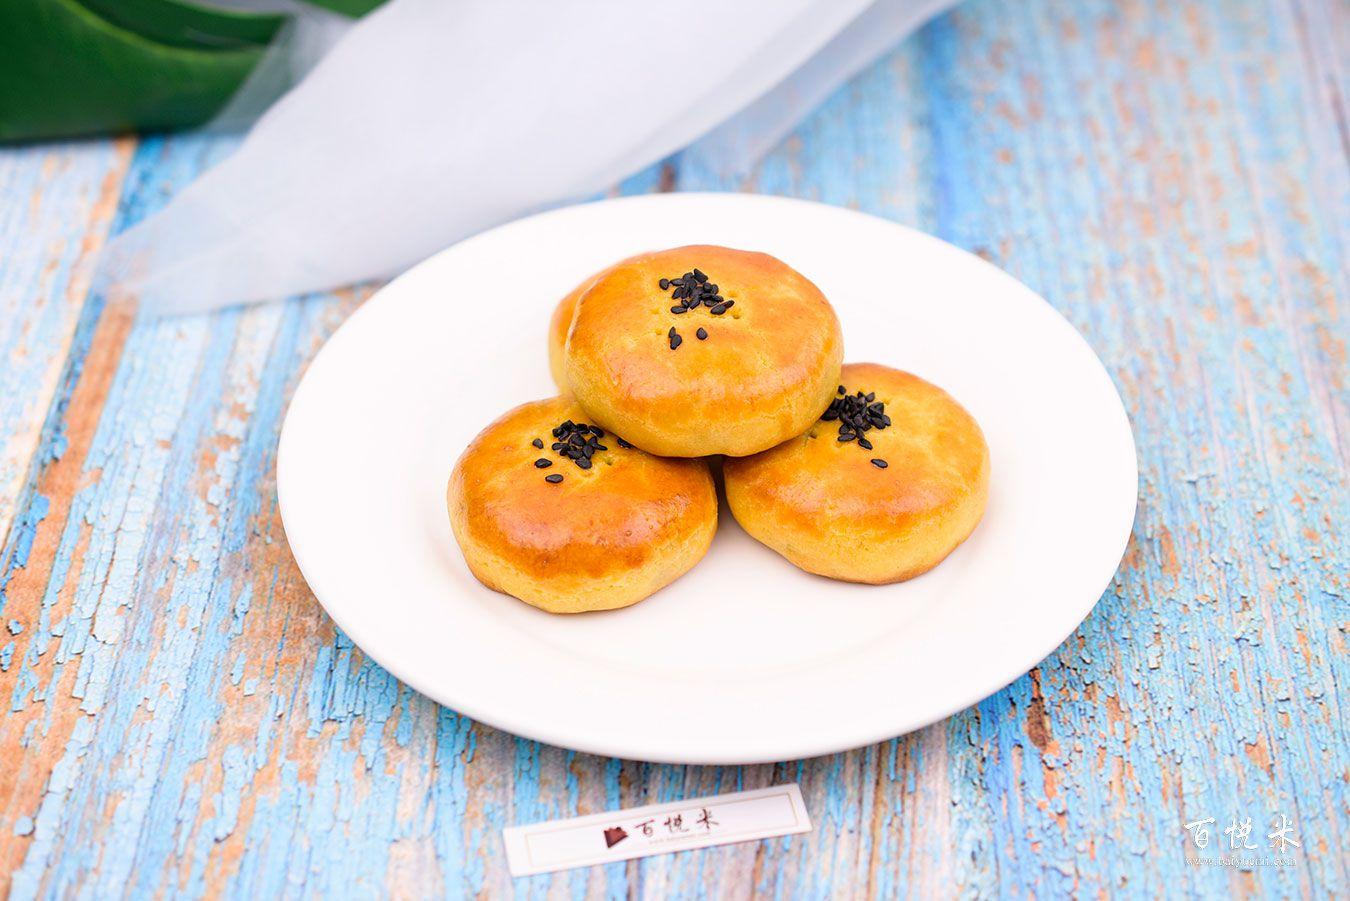 板栗酥高清图片大全【蛋糕图片】_601